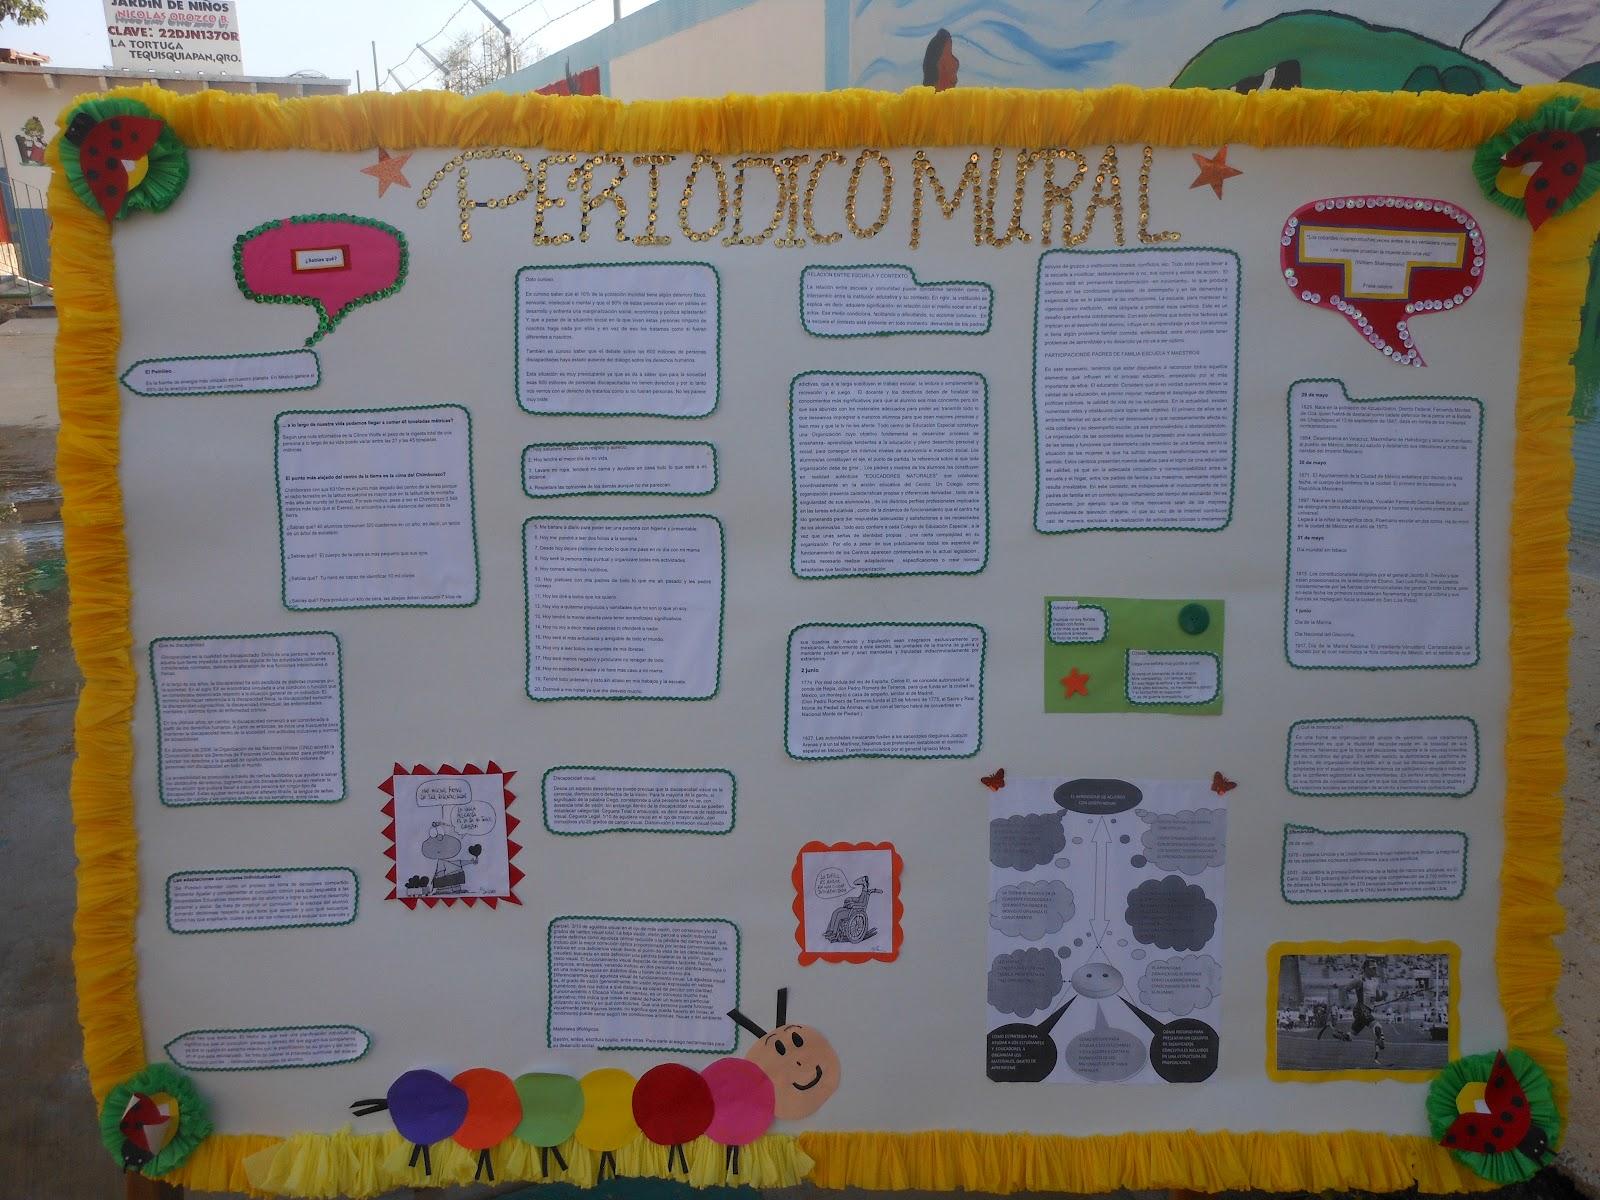 Extra c tedra global peri dico mural for Como elaborar un periodico mural escolar